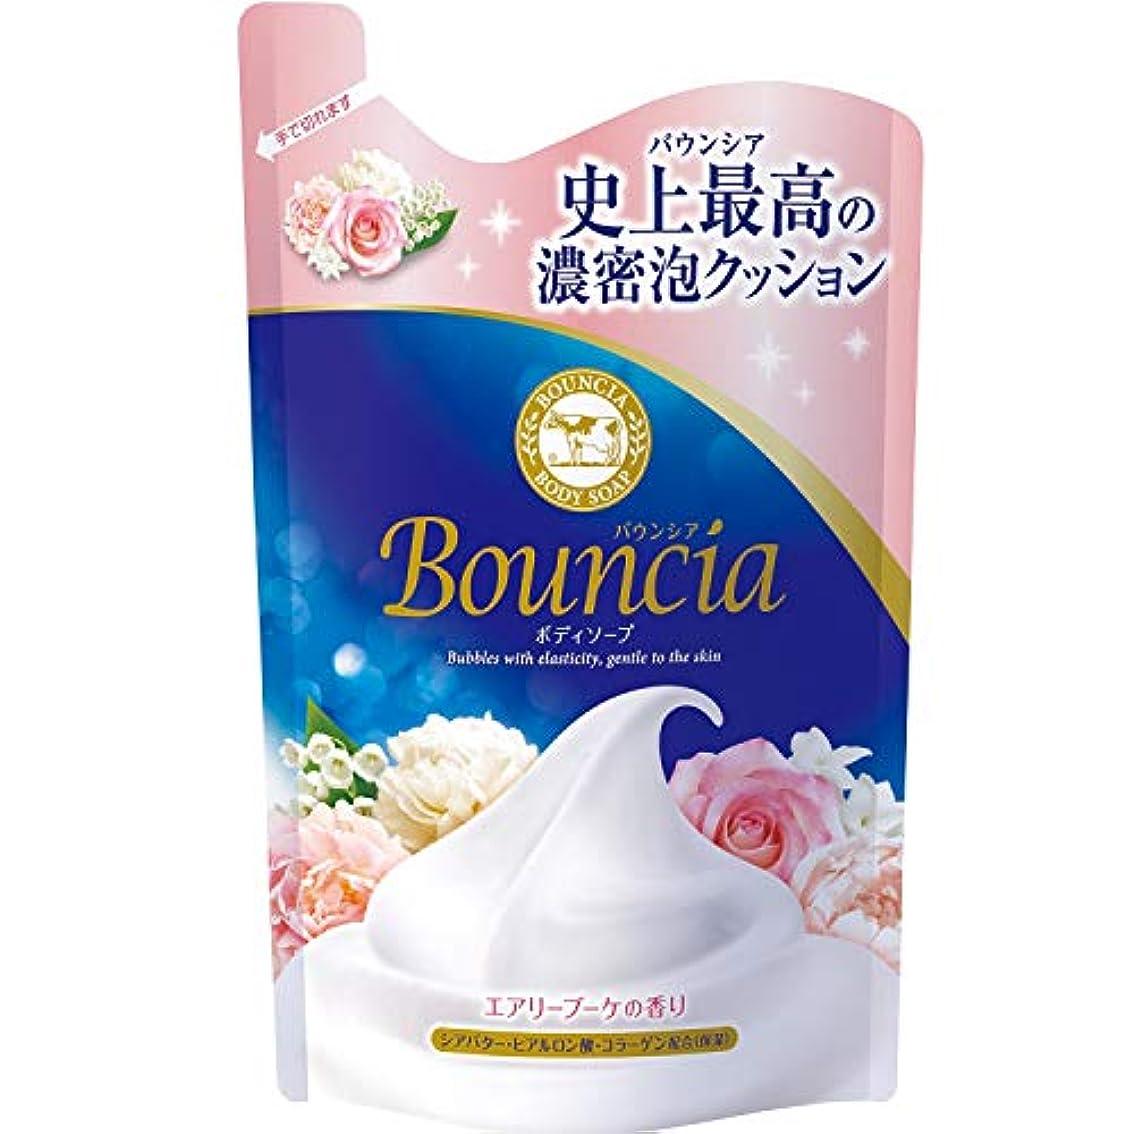 騒々しいしてはいけない吸収するバウンシア ボディソープ エアリーブーケの香り 詰替 400mL